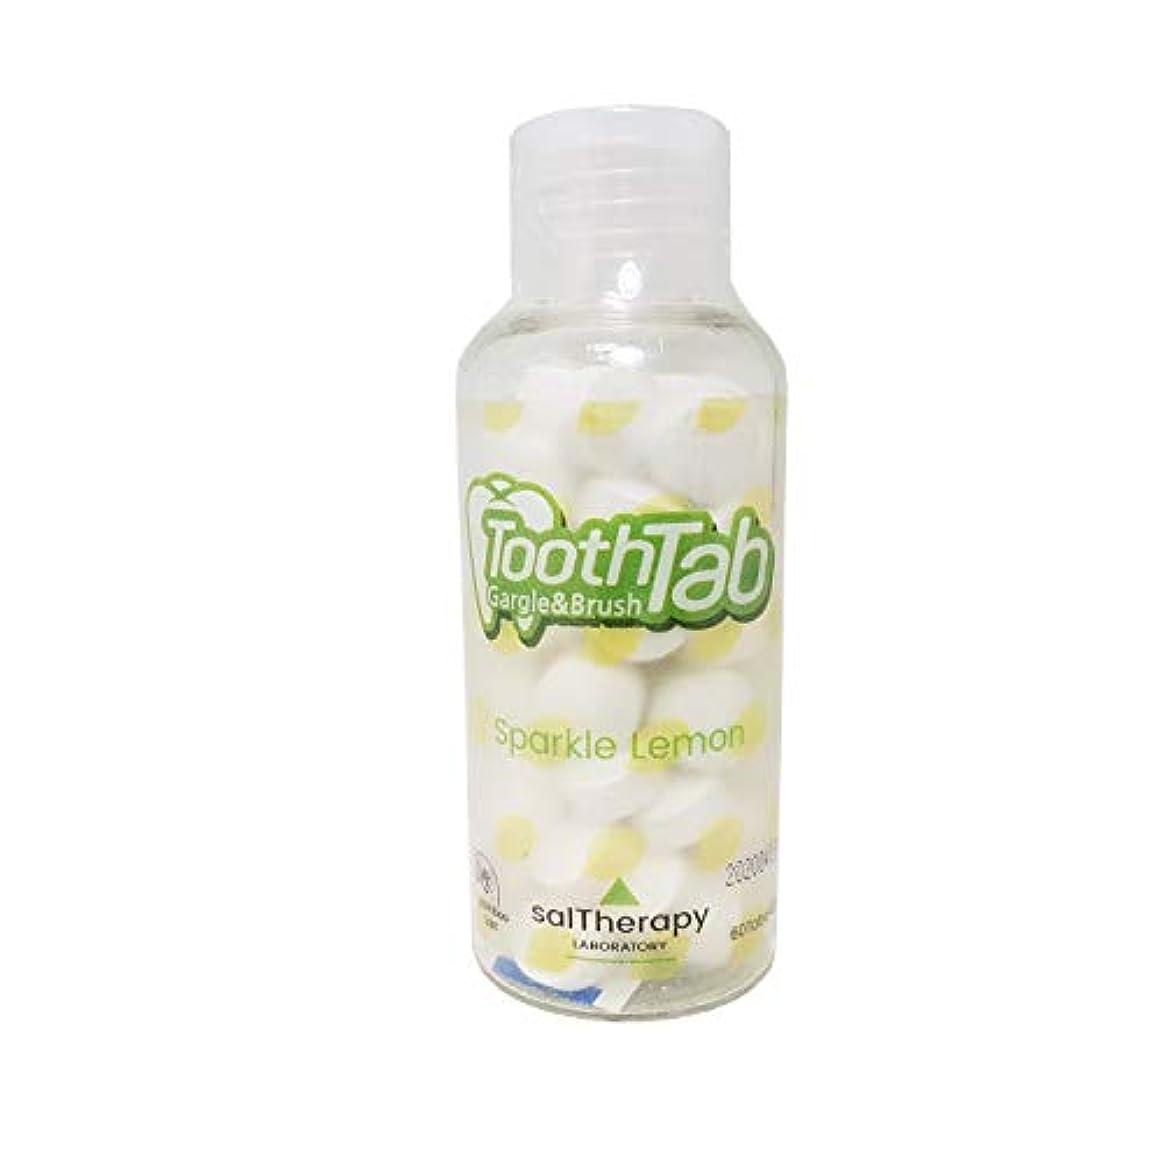 投資するキャラクターファンタジーSalTherapy 歯磨き粉 固体タブレット 60個入 (Sparkle Lemon)